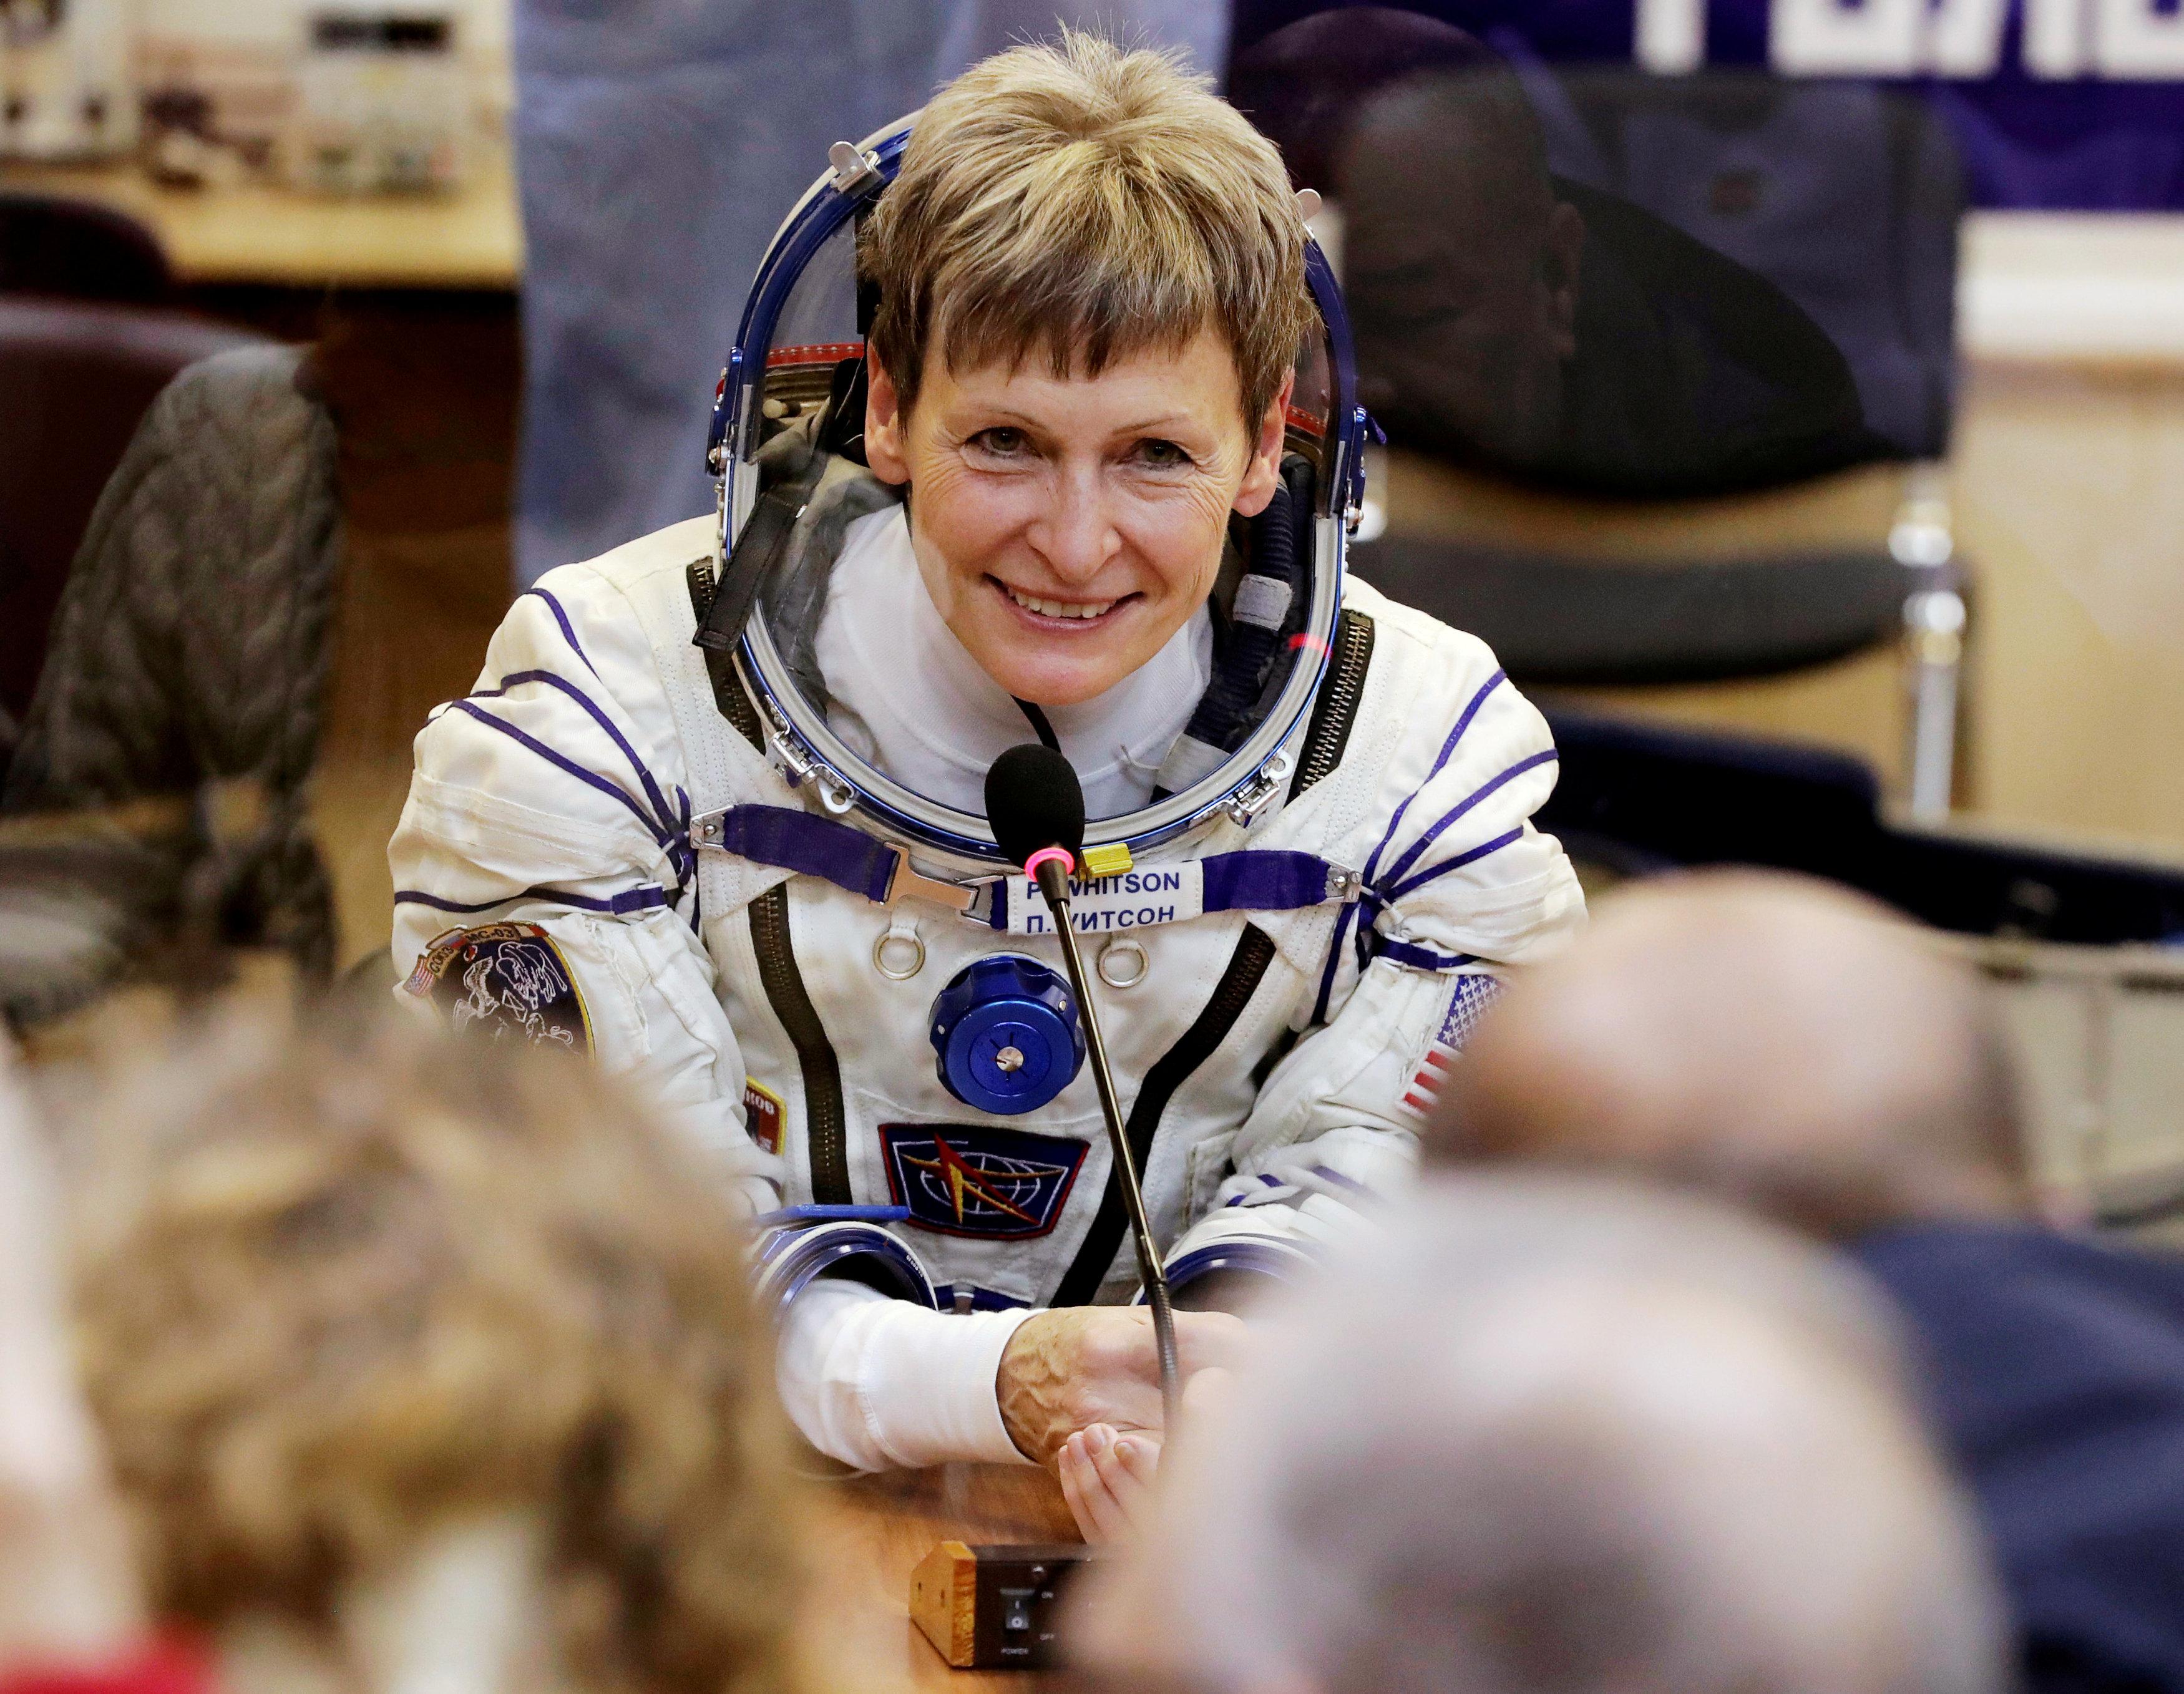 астронавт пегги уитсон фото системы